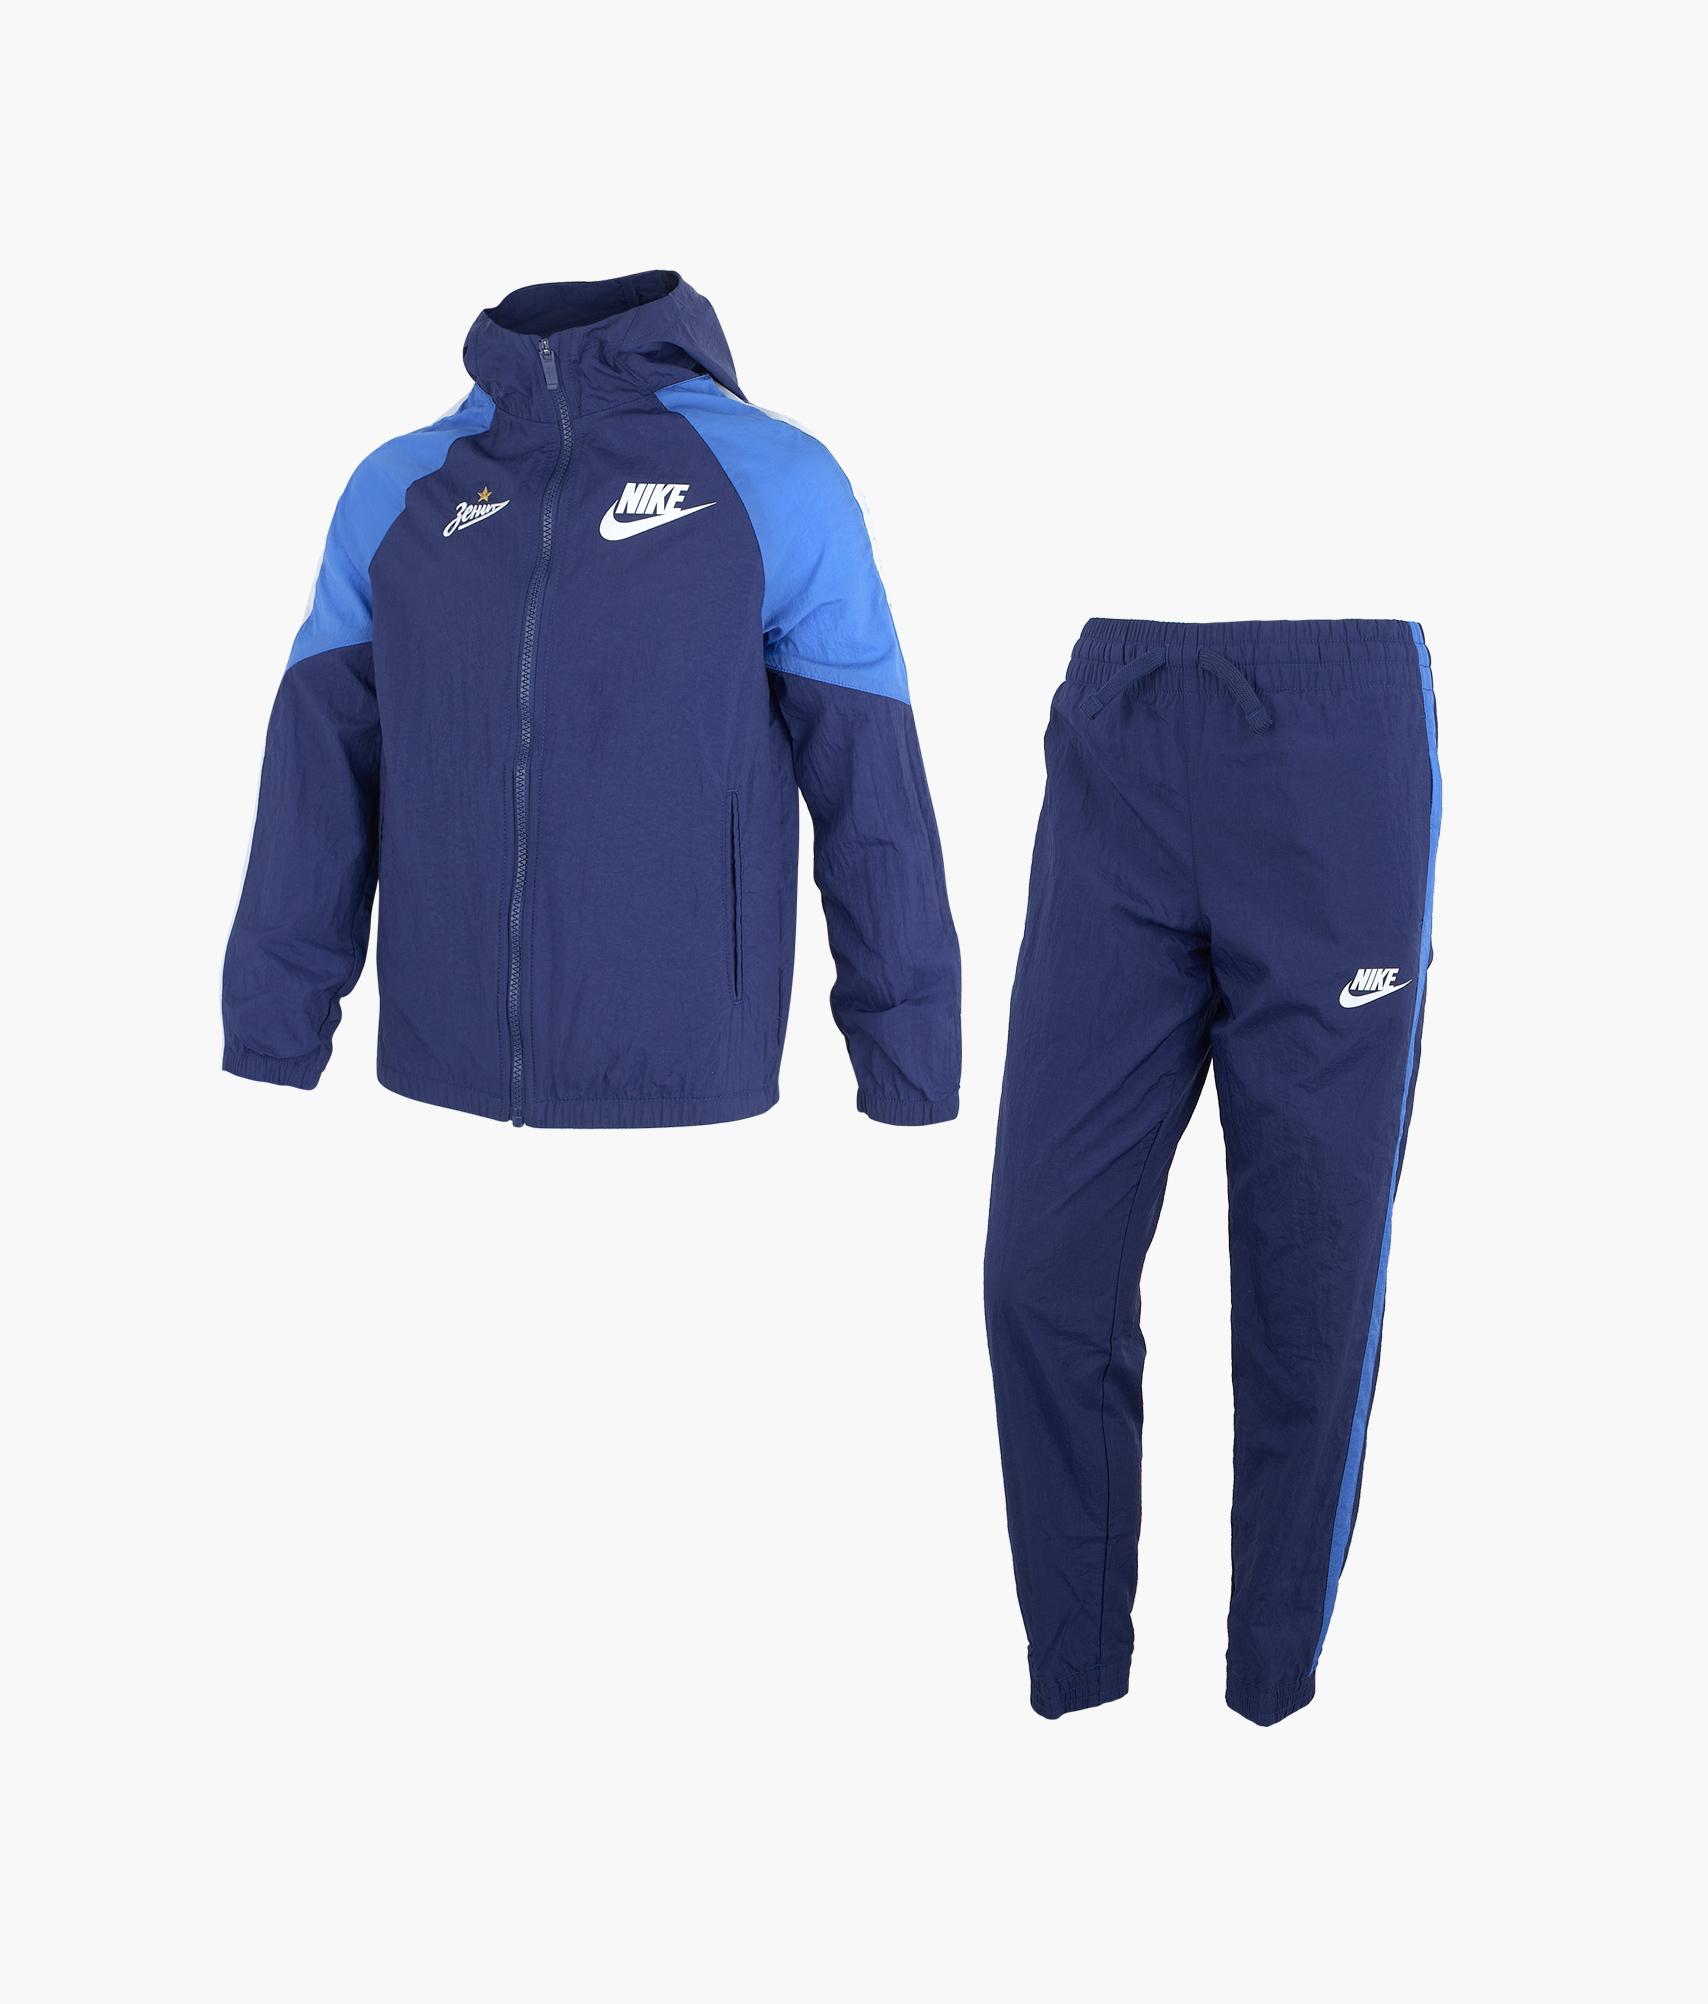 Костюм спортивный подростковый Nike Nike Цвет-Синий топ спортивный nike nike ni464ewhtts4